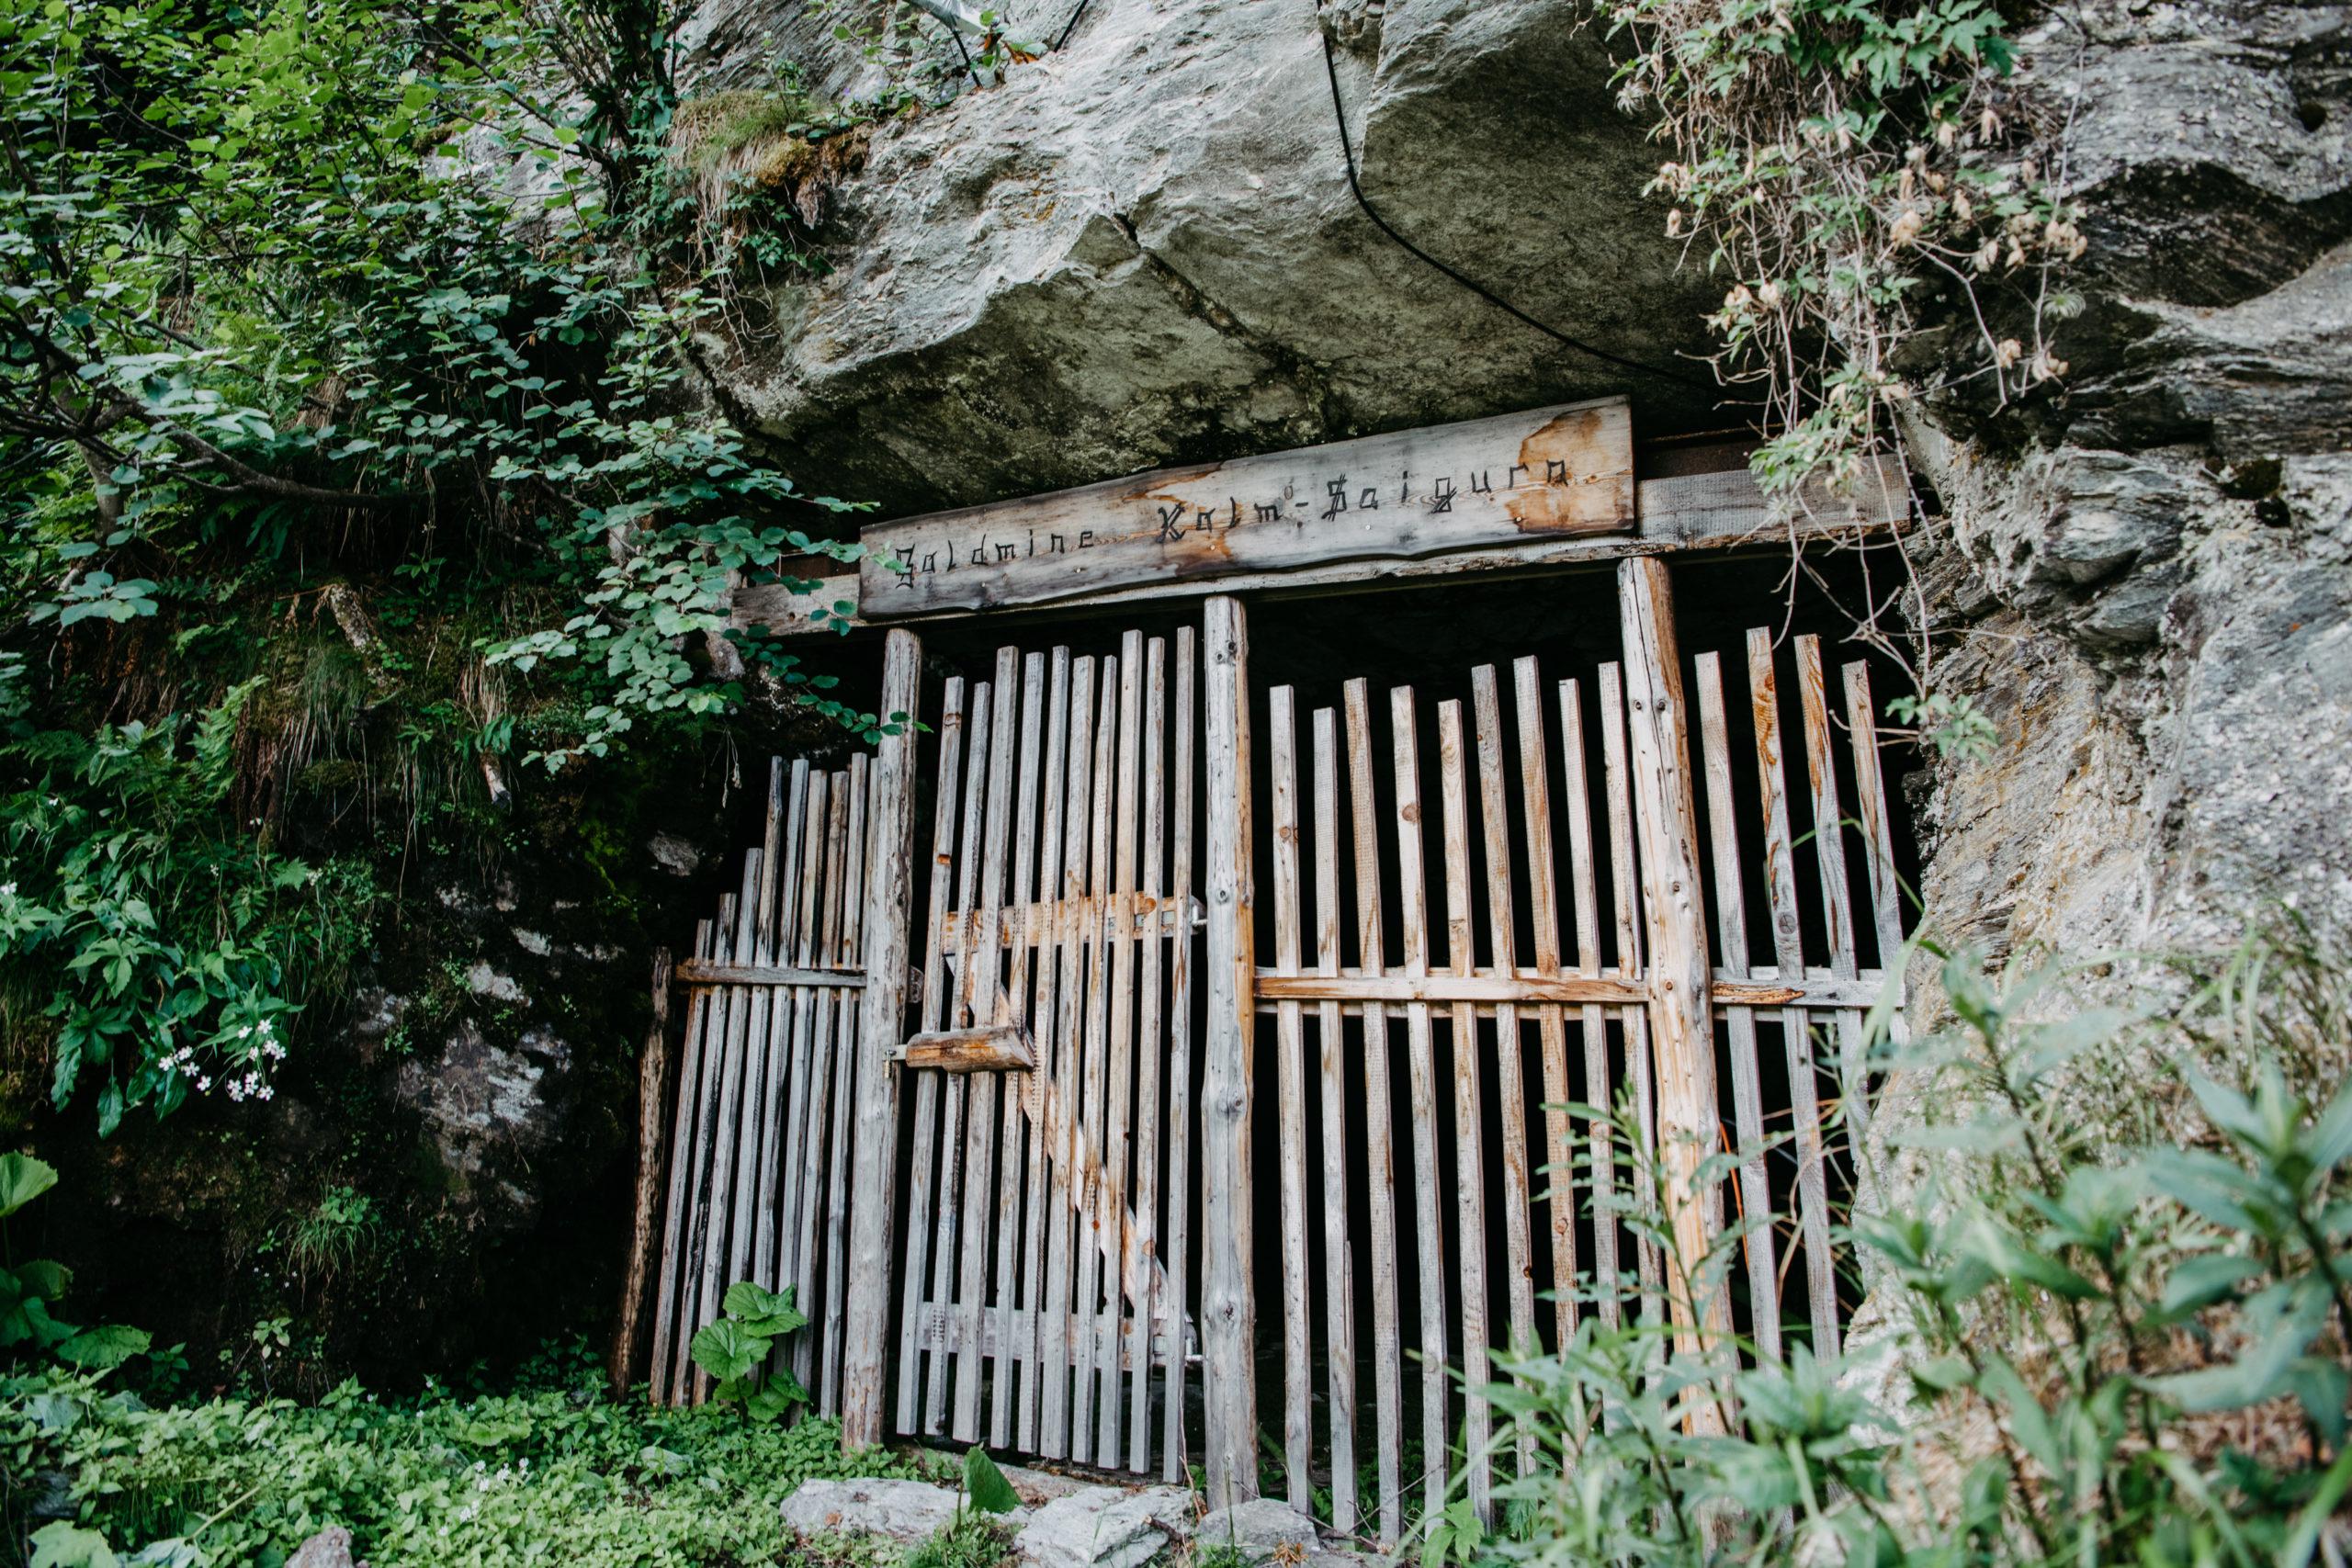 Der Eingang zum Bergwerksstollen © Stefan Nocker